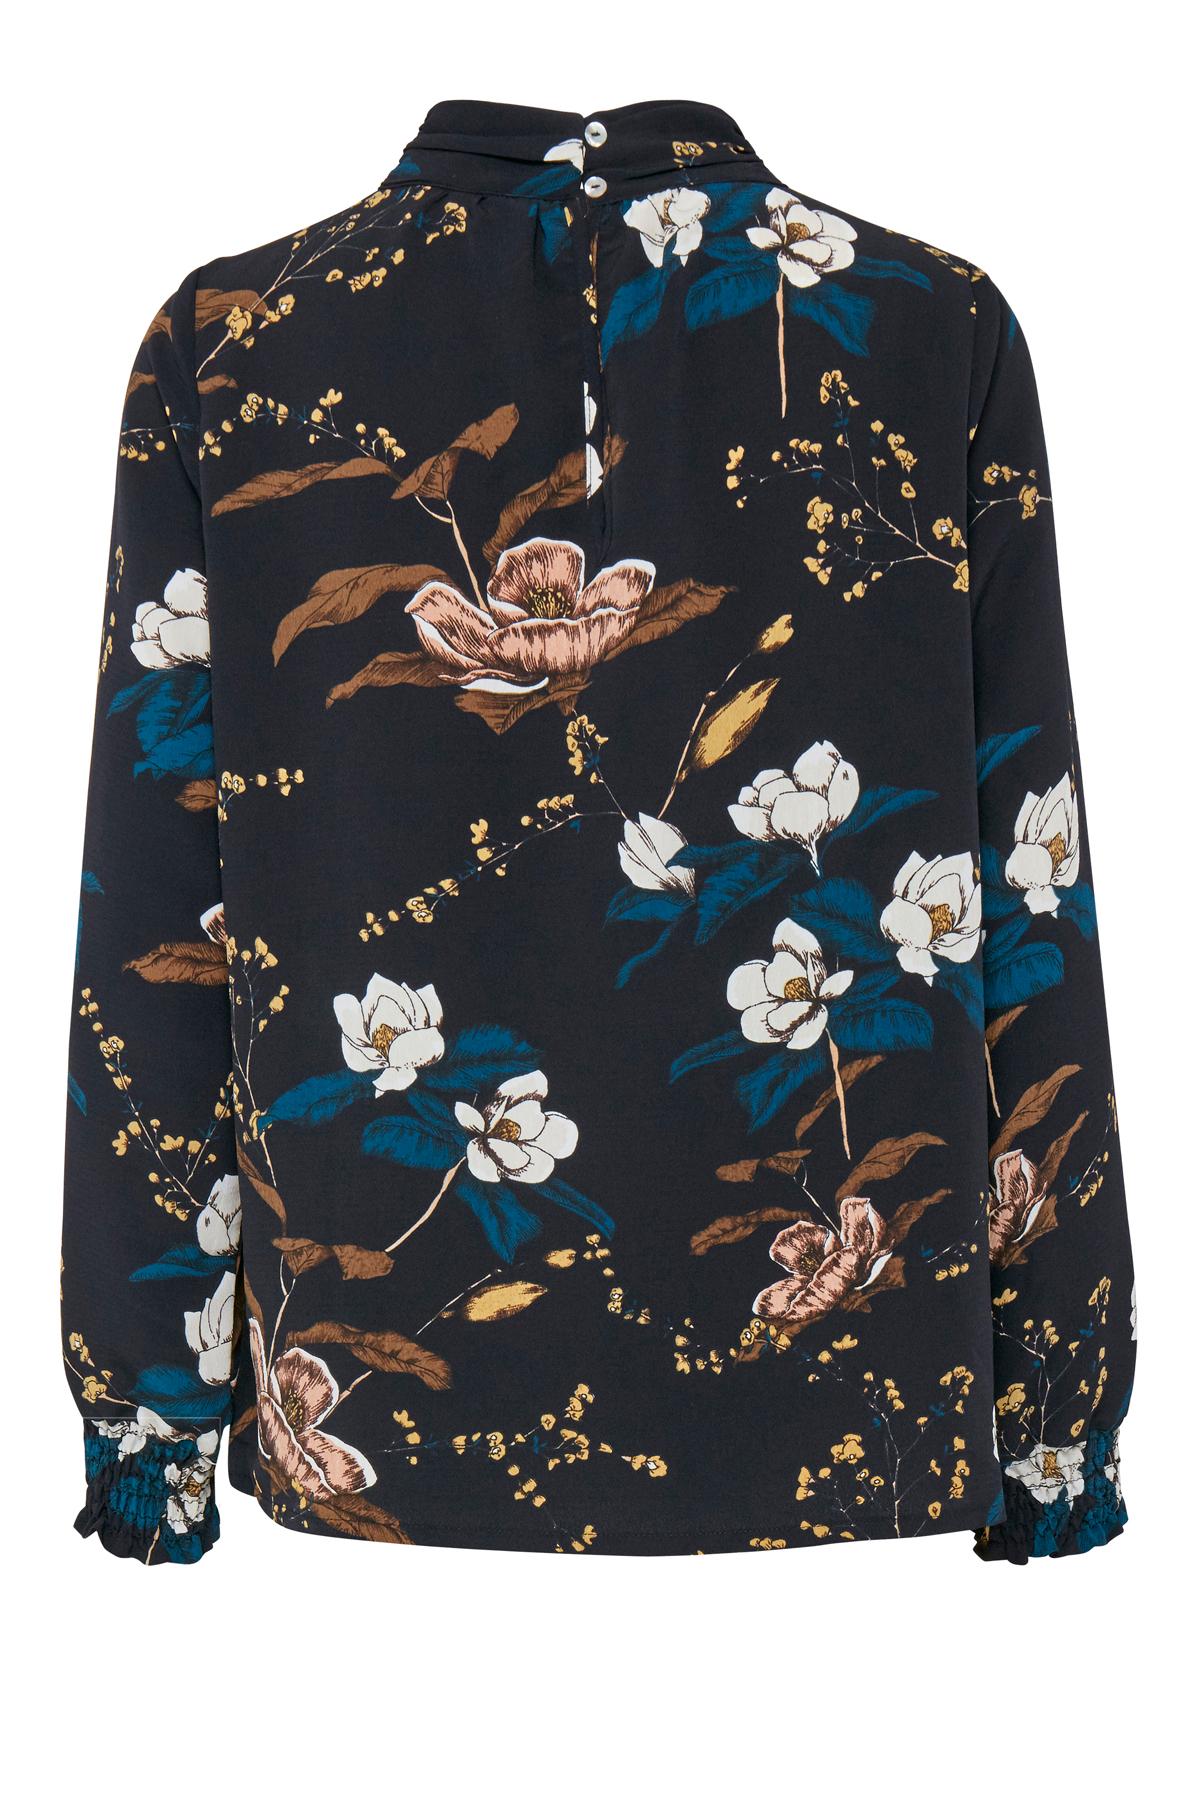 Sort/blå Bluse fra Fransa – Køb Sort/blå Bluse fra str. XS-XXL her